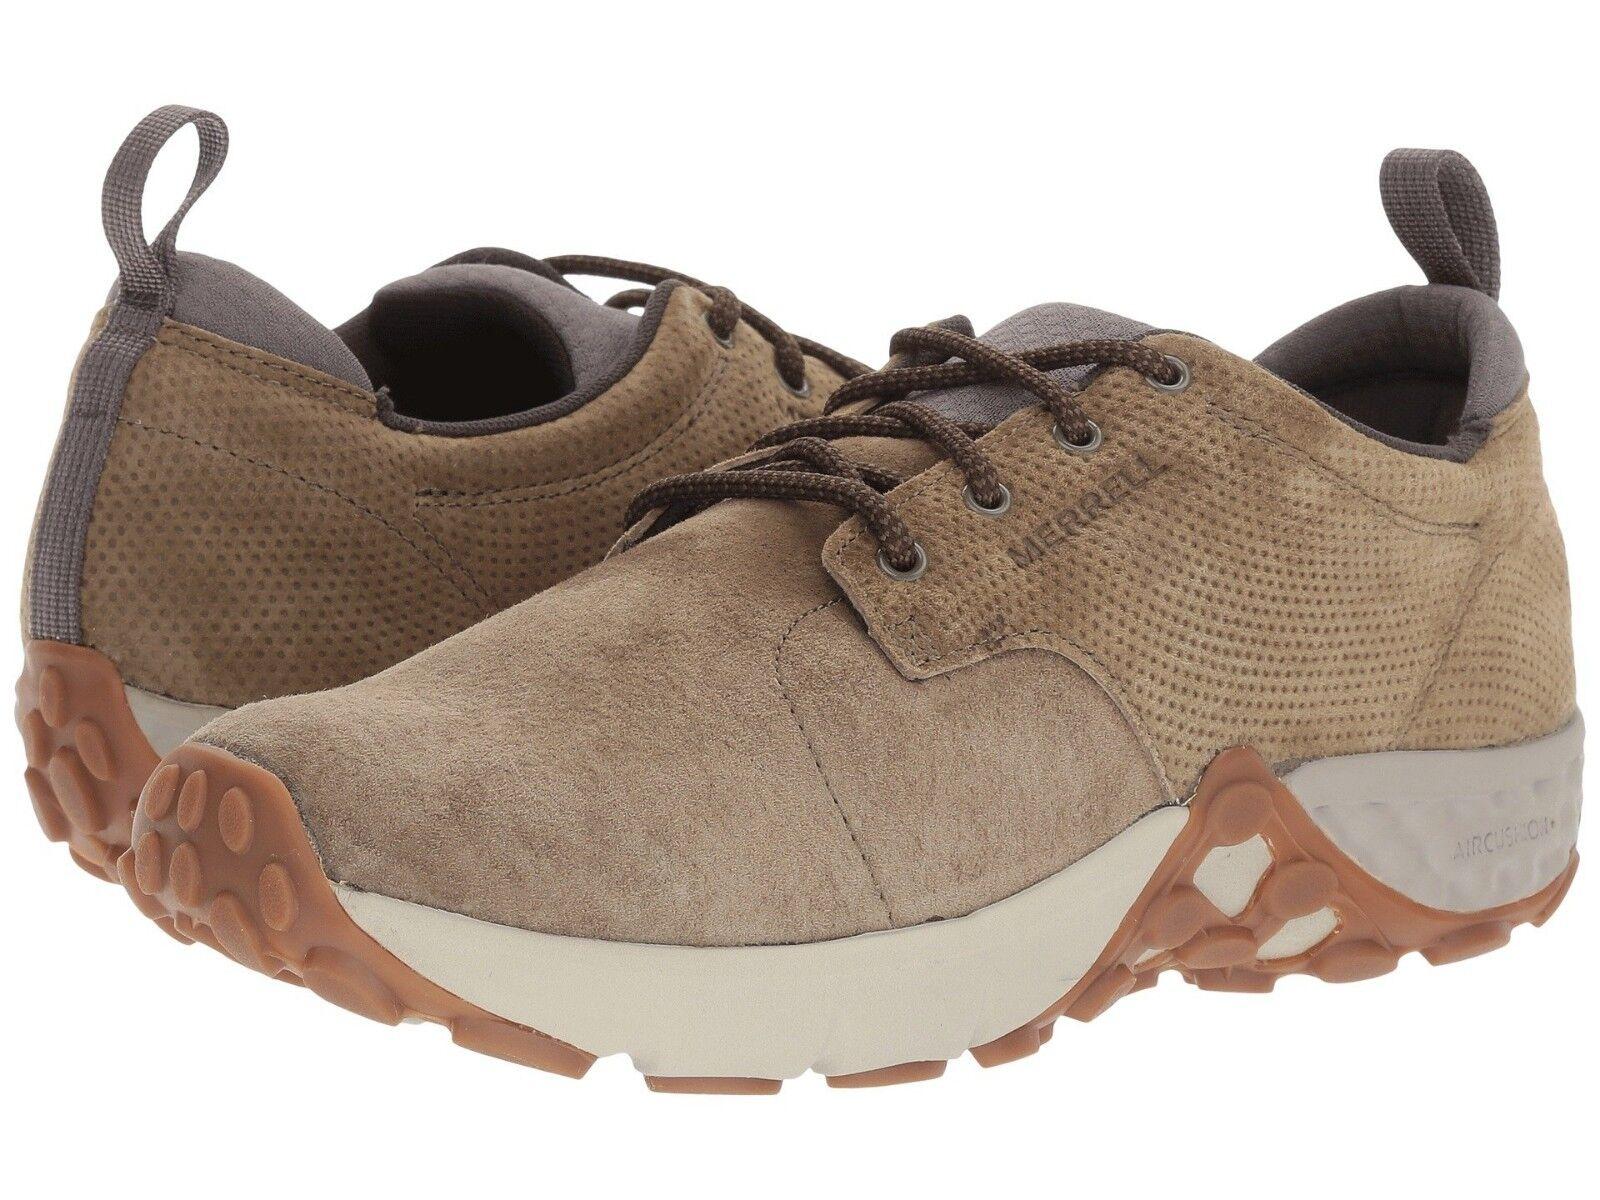 Nuevo Hombre Merrell Jungle Encaje AC + Zapatillas Sz 9 10 10.5 11 11.5 12